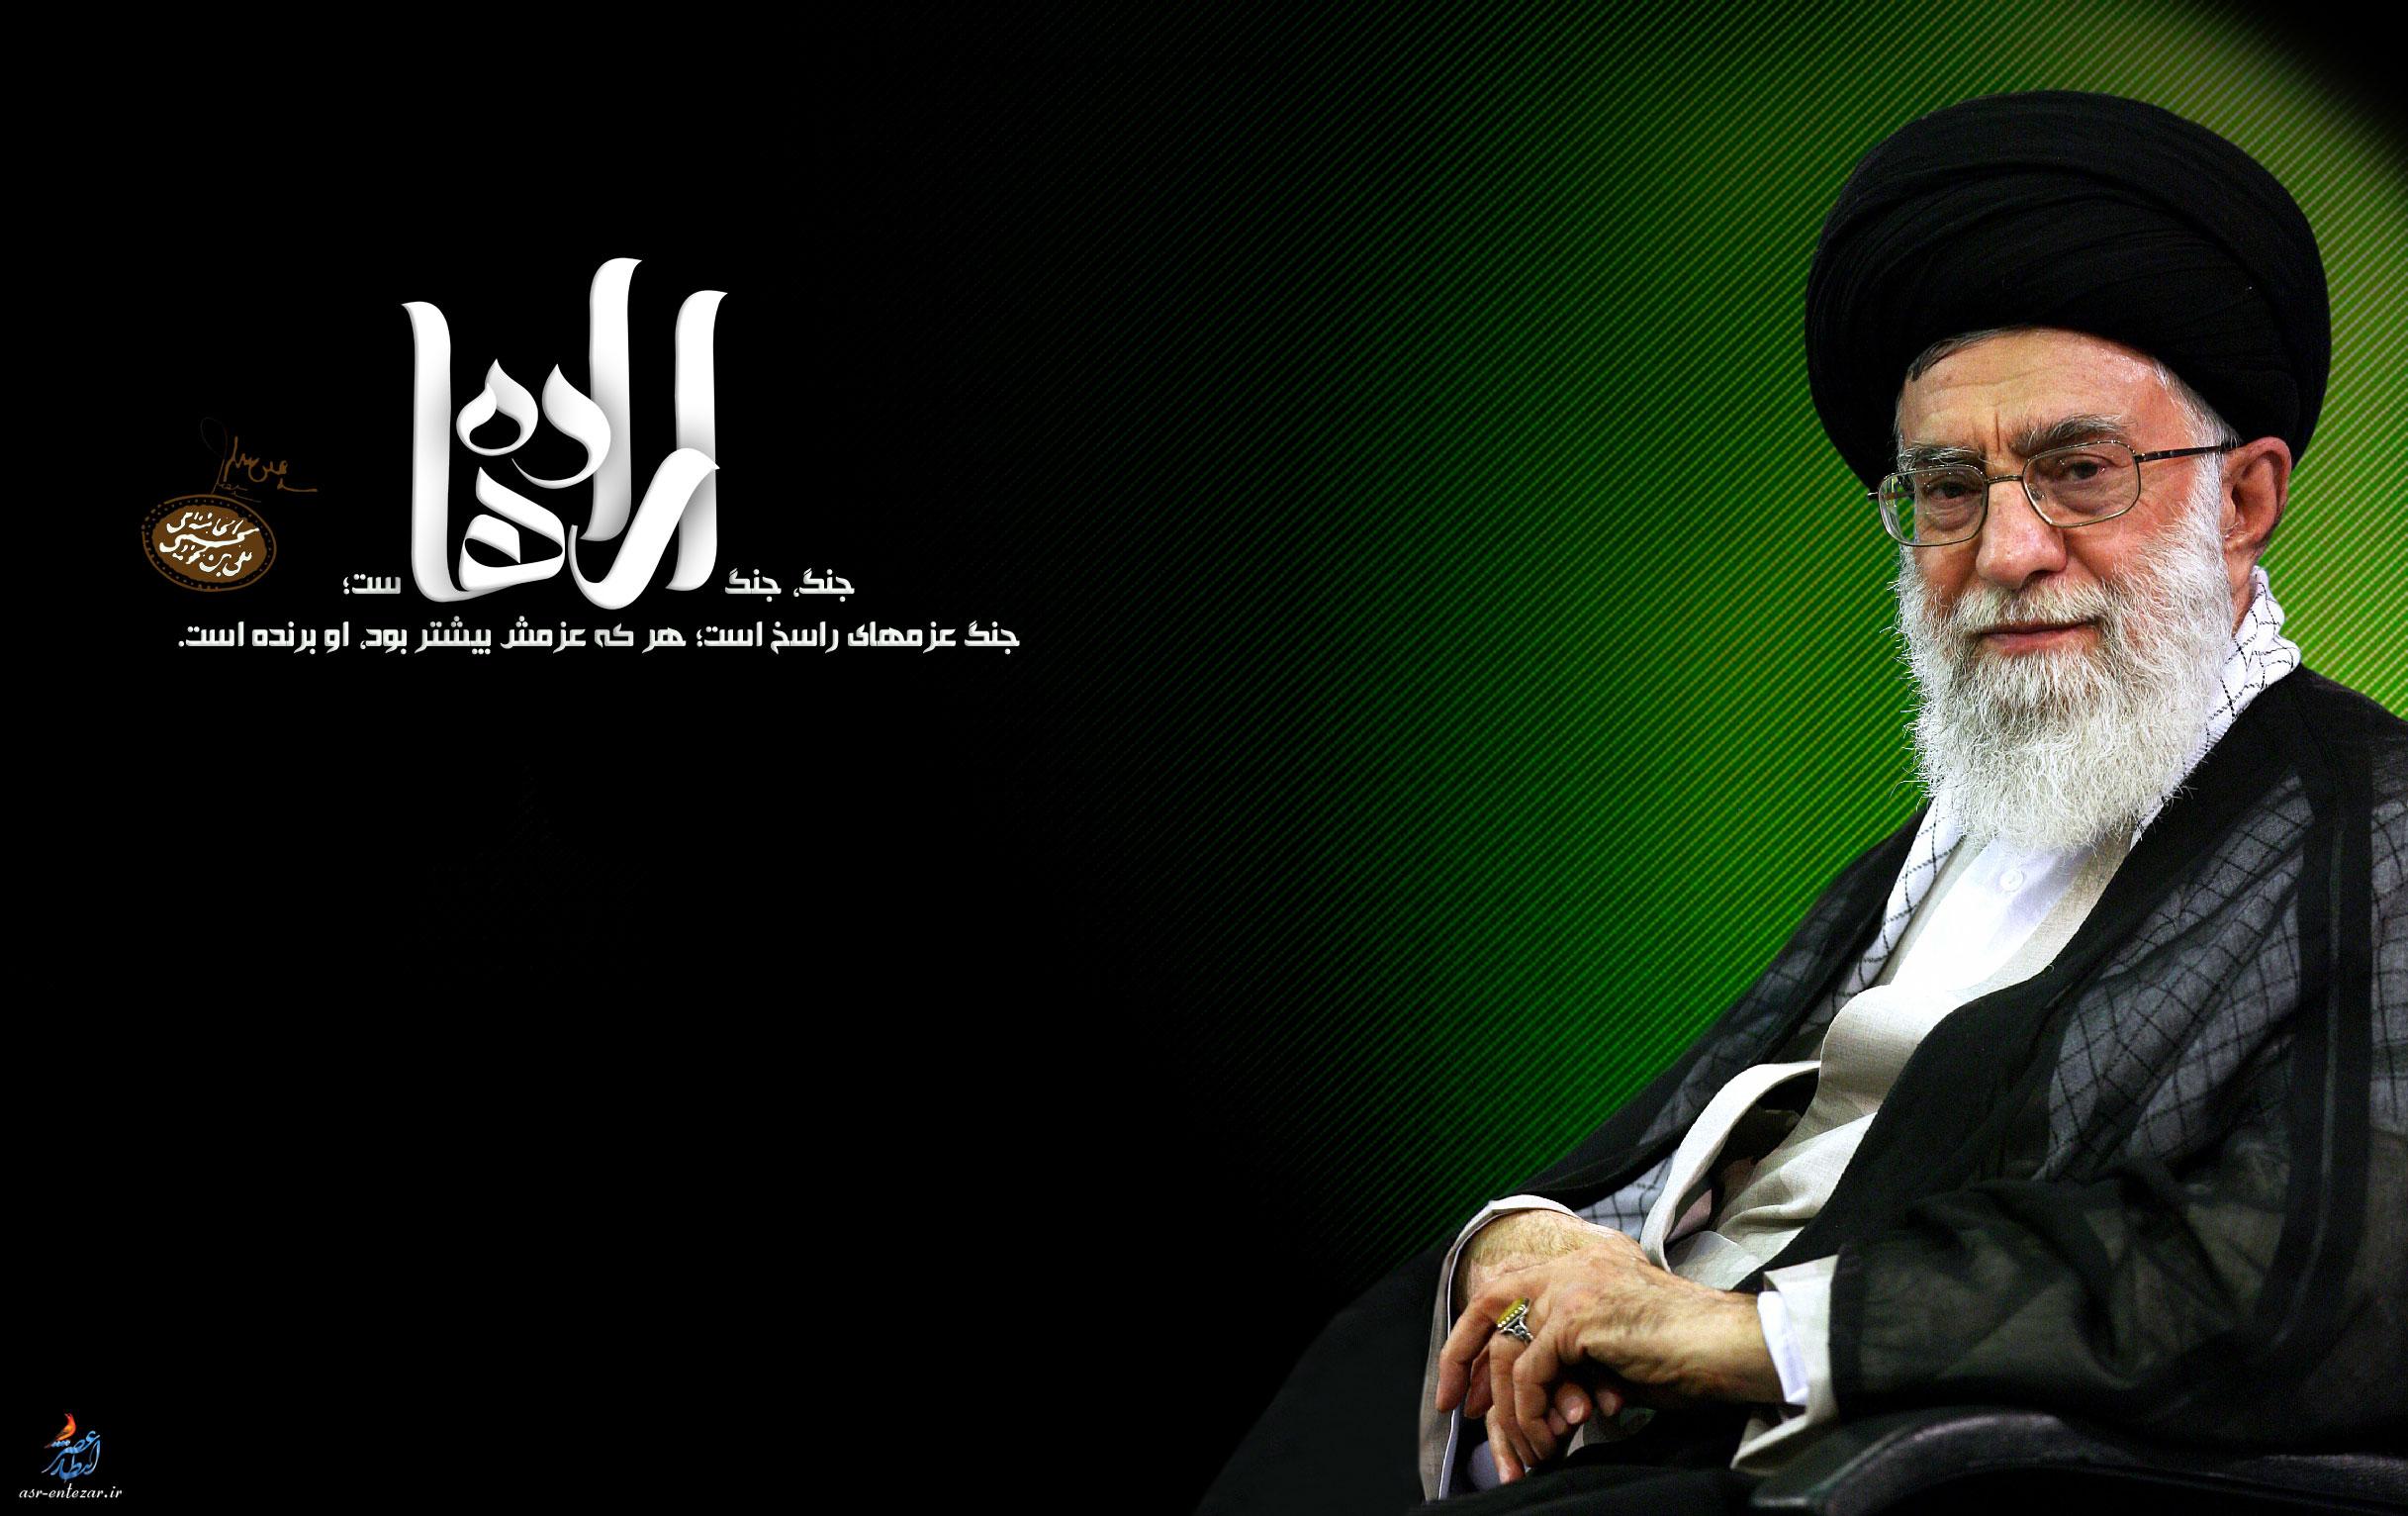 عکسهای رهبرمعظم انقلاب